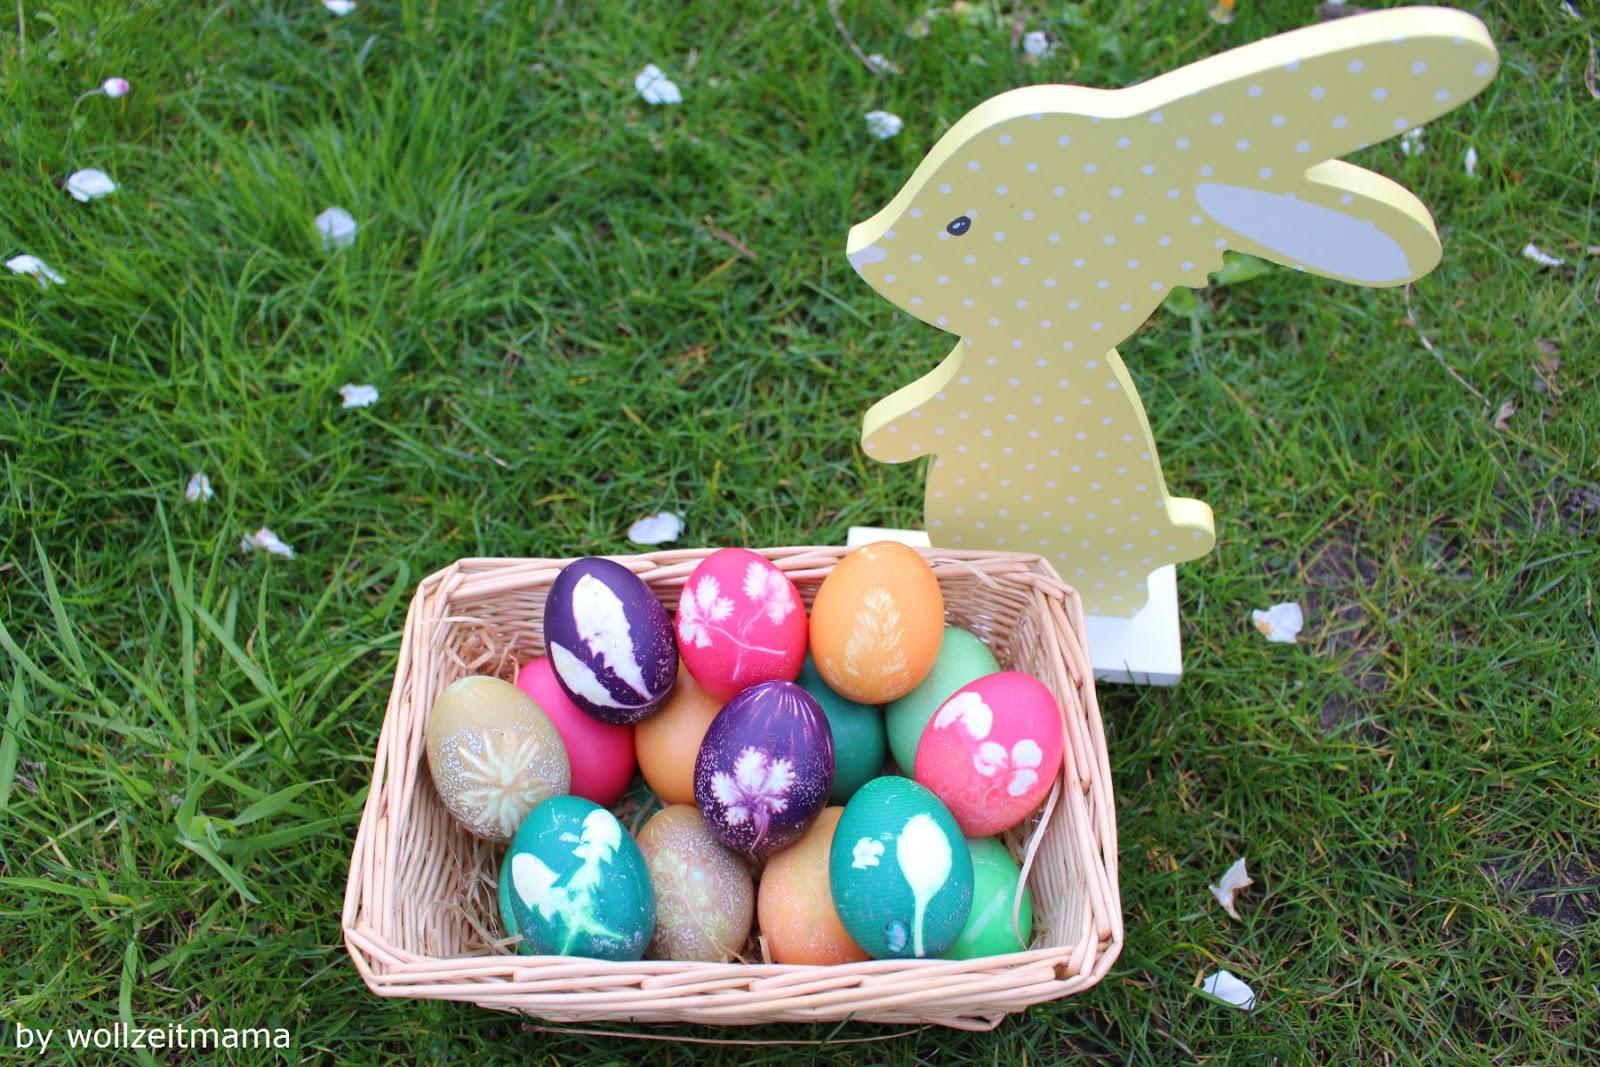 Wollzeitmama: Ostereier färben mit Blättern